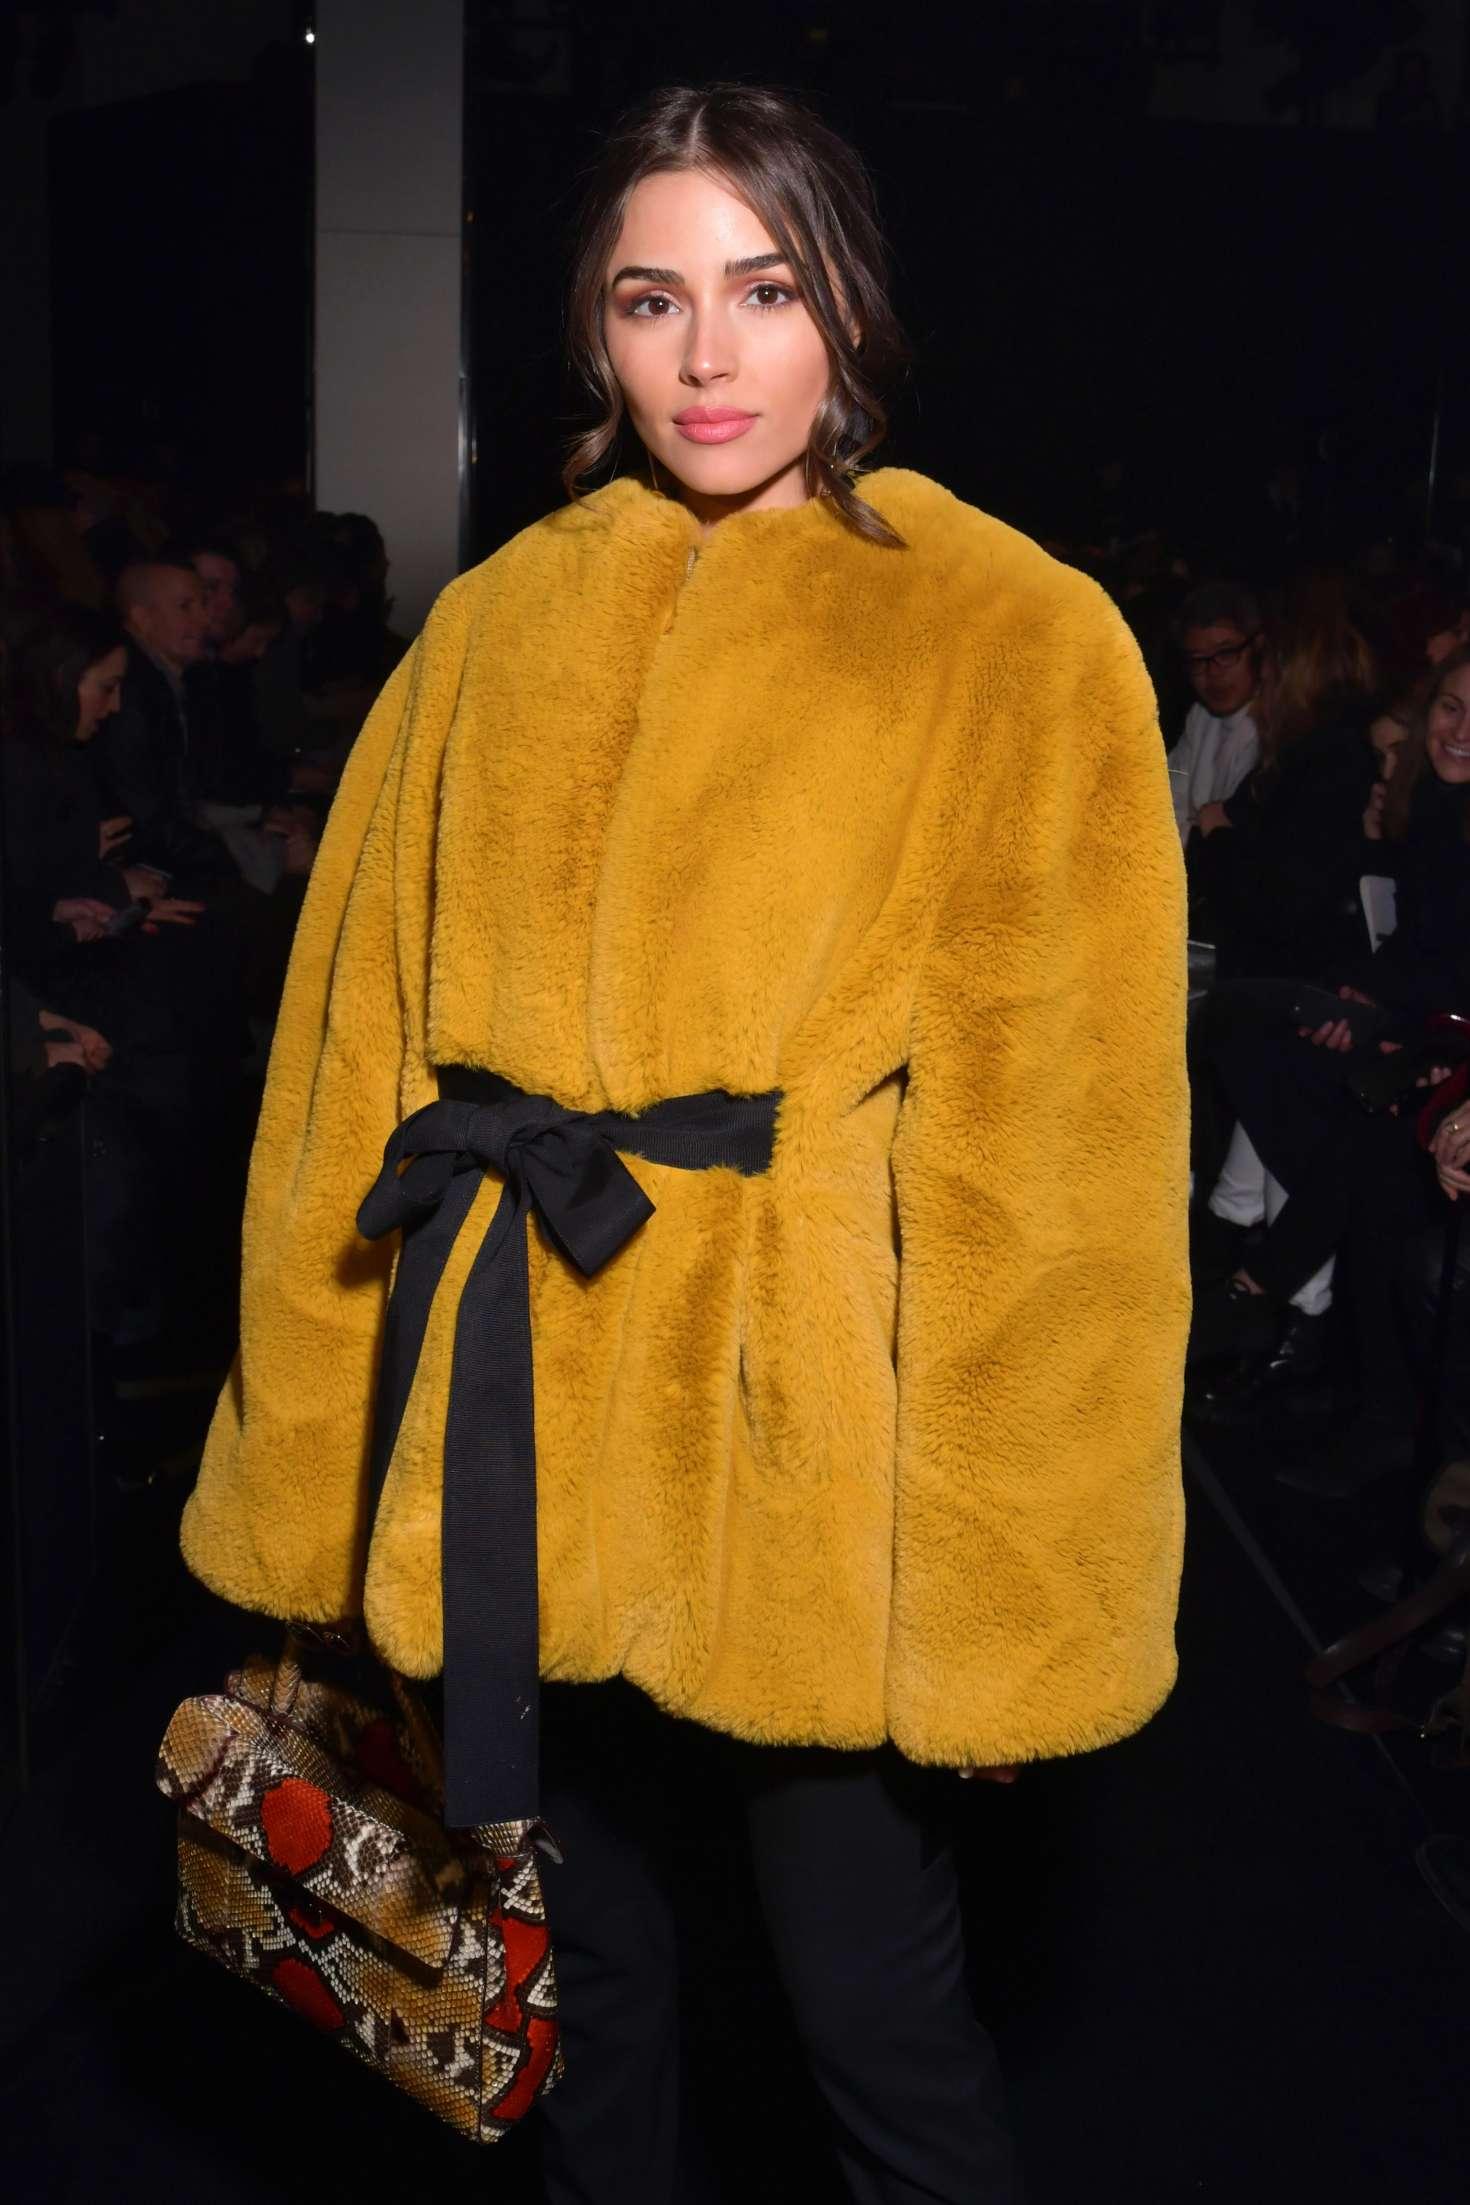 Olivia Culpo 2018 : Olivia Culpo: Lanvin Fashion Show 2018 in Paris -04